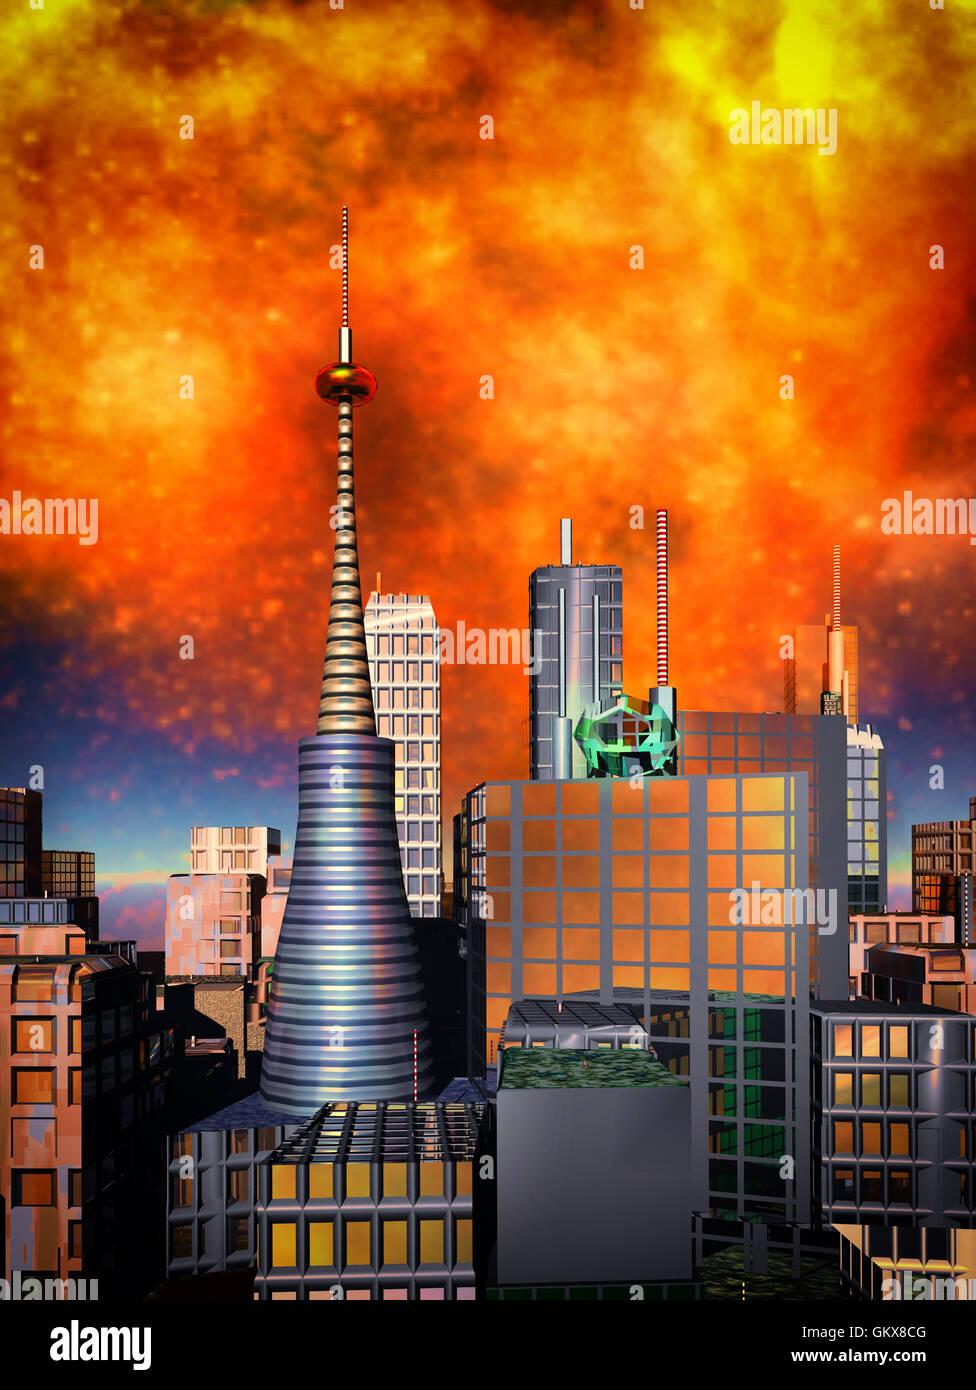 Armageddon  scene in city - Stock Image